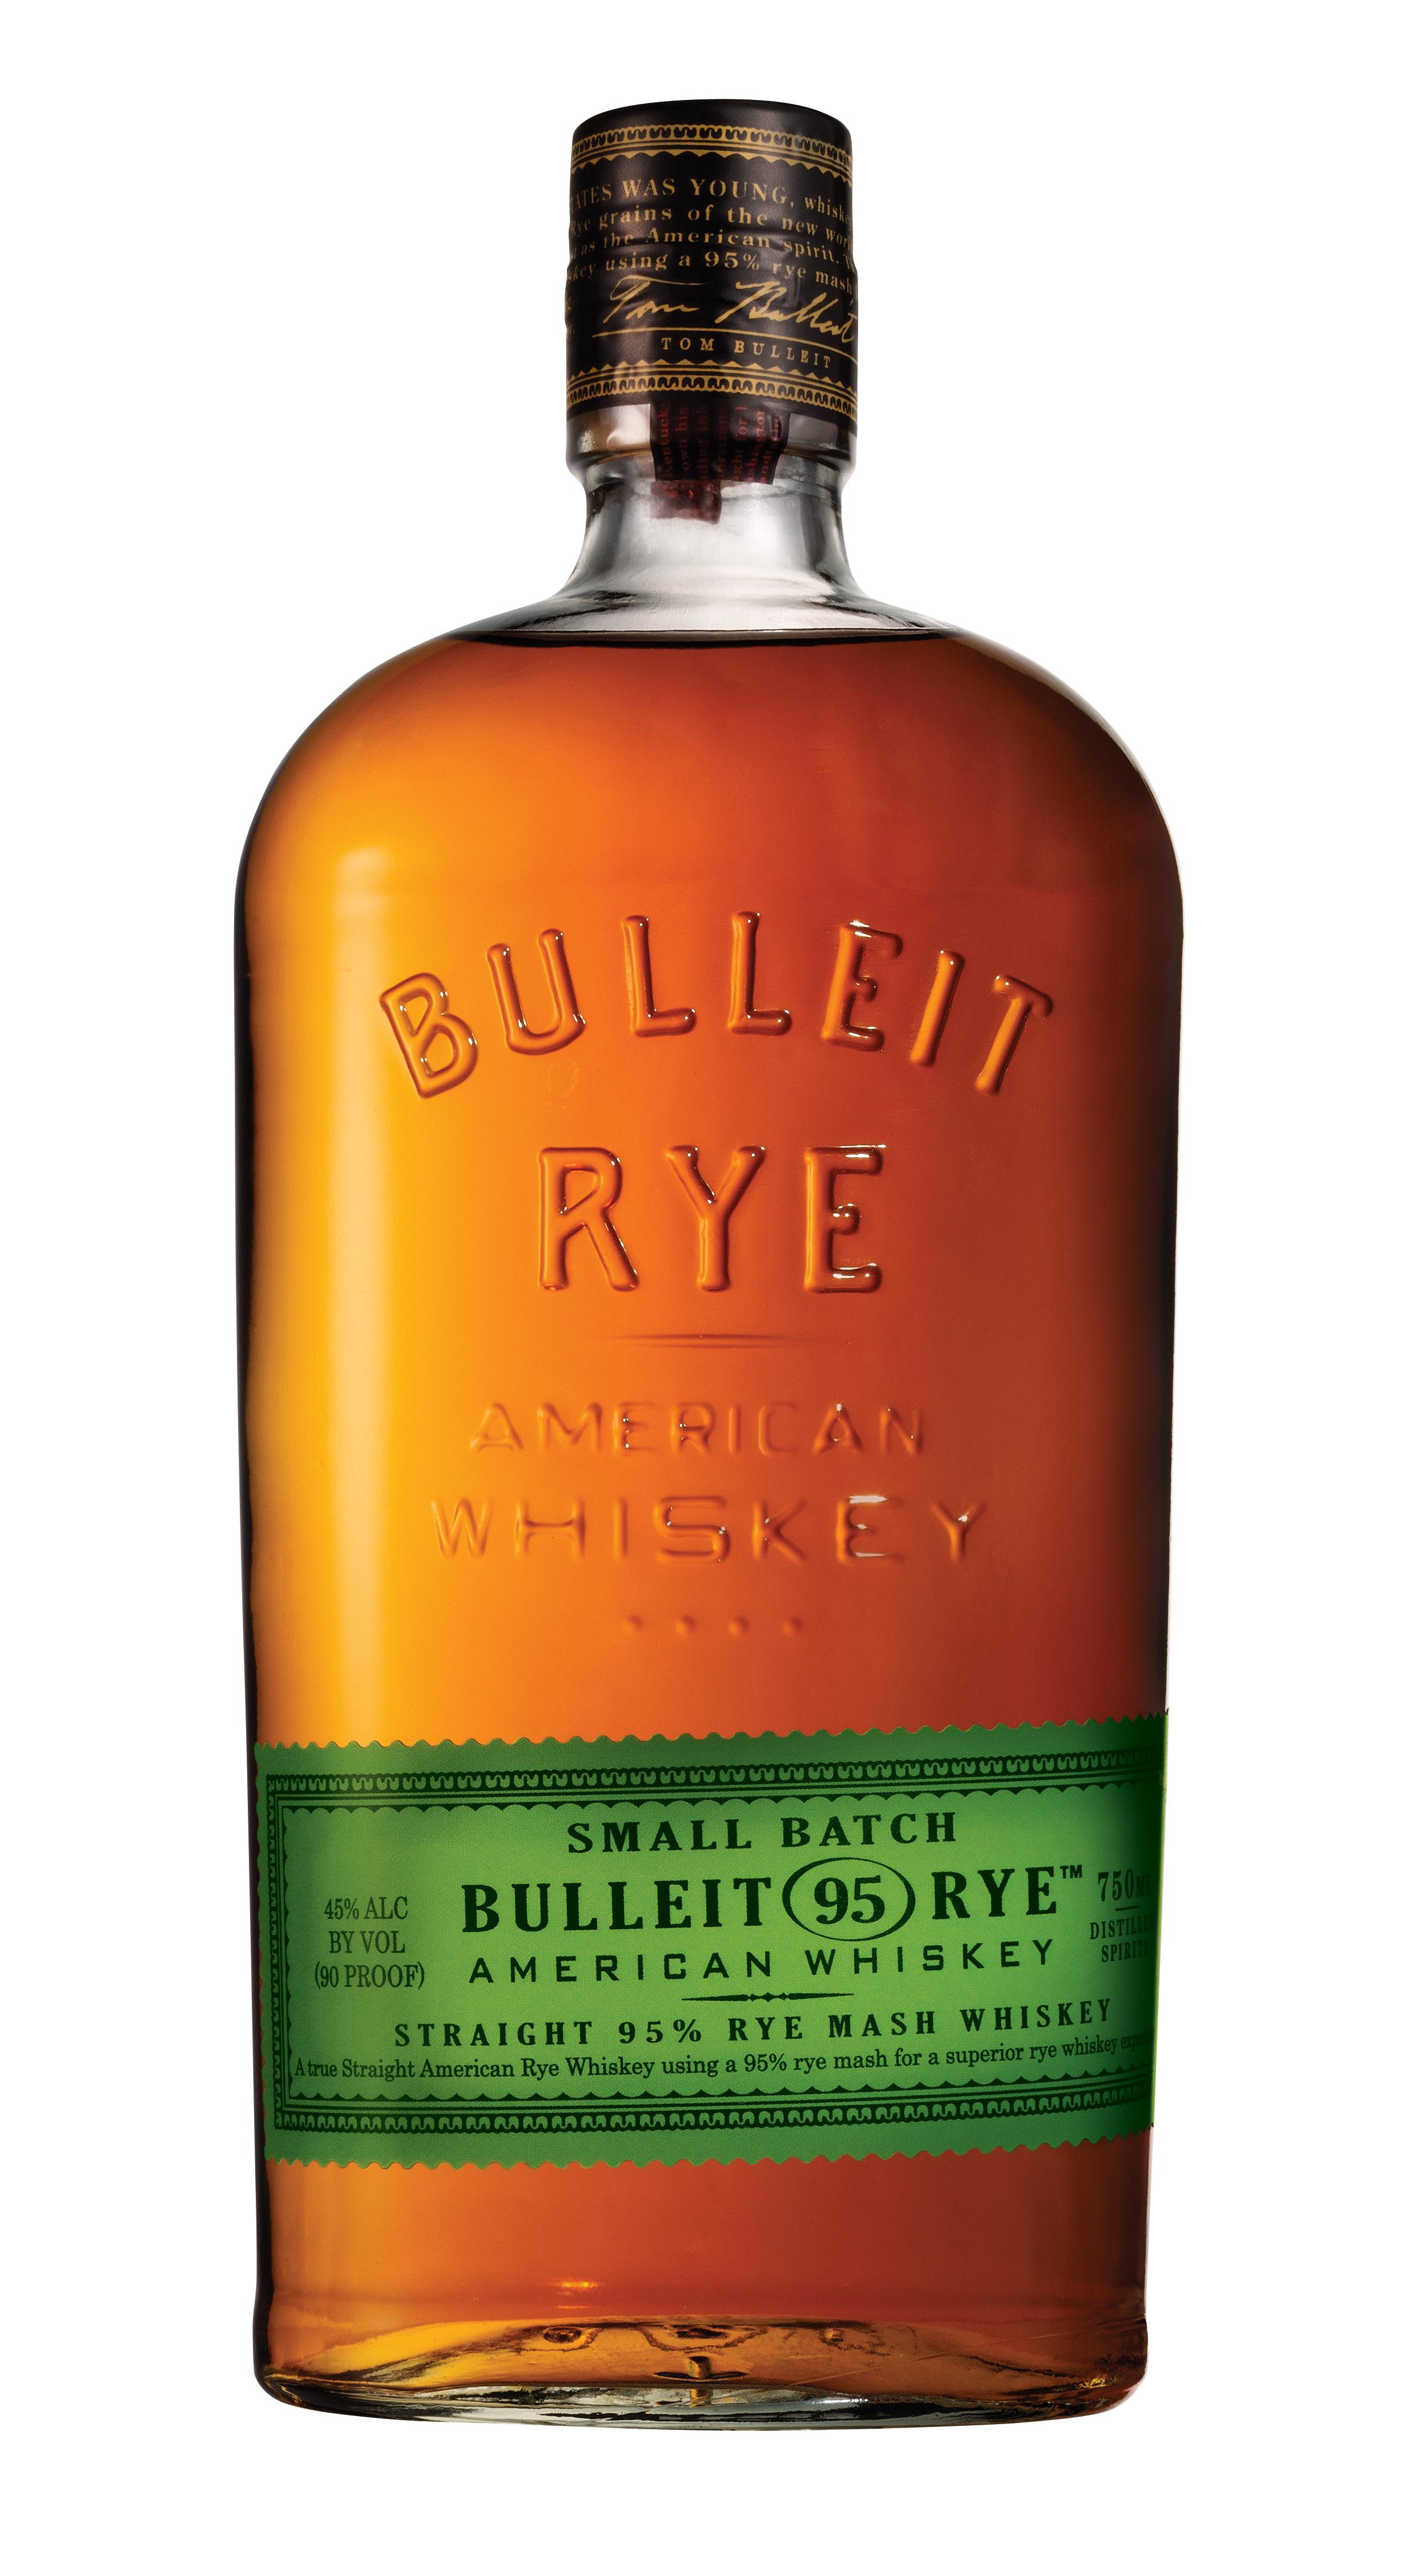 Bulliet Bargain Bourbon